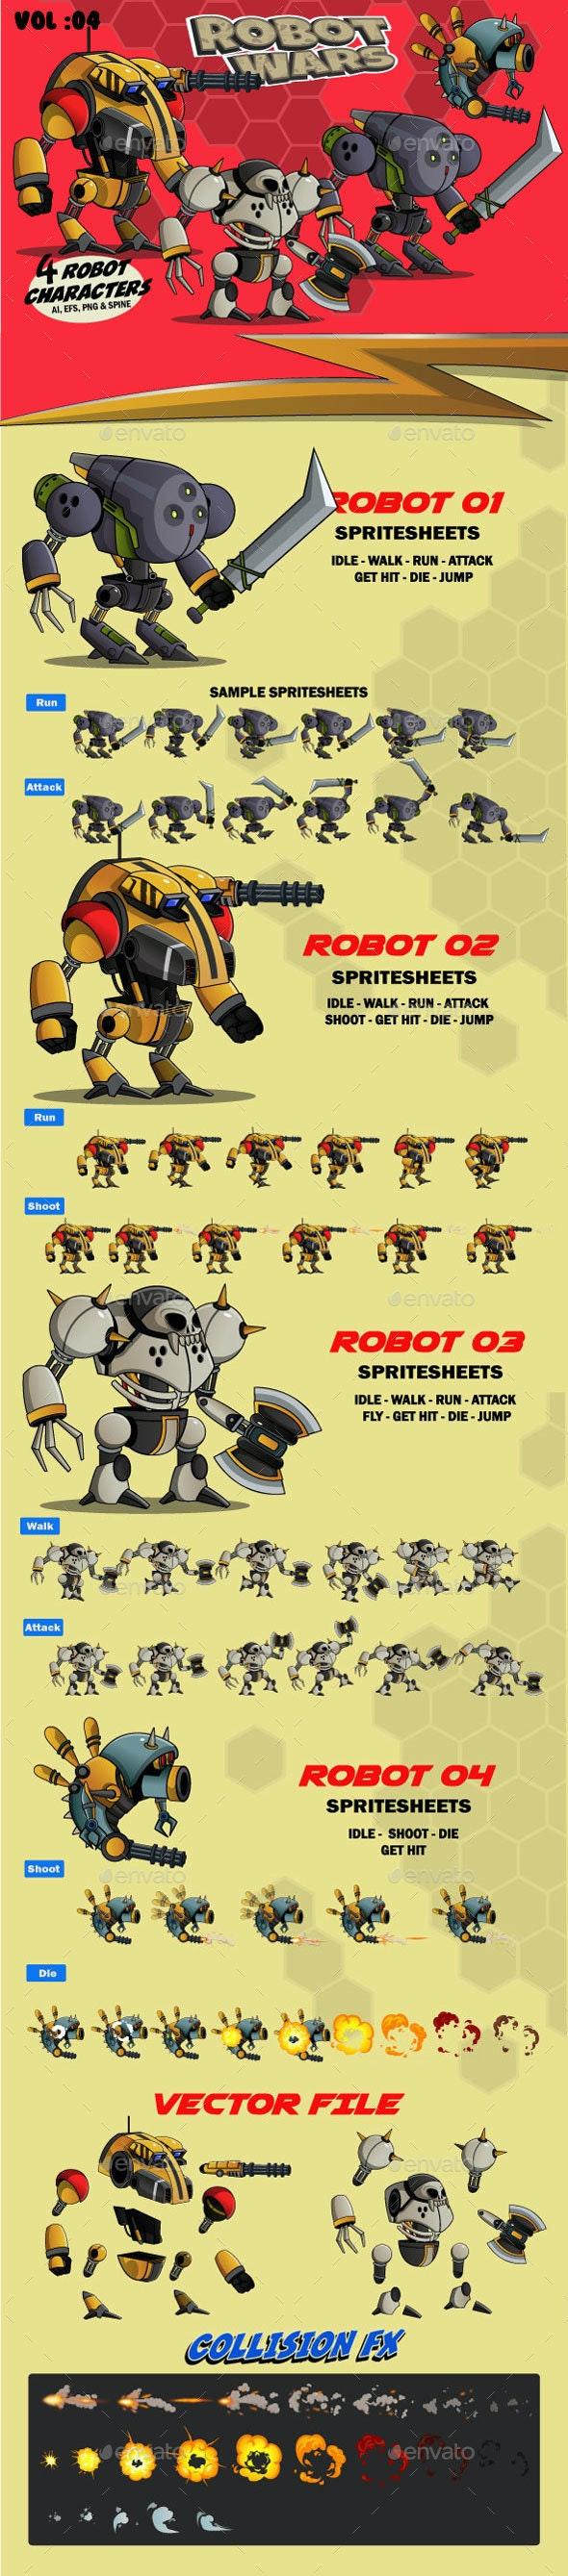 Robot Wars Vol 04 - Sprites Game Assets